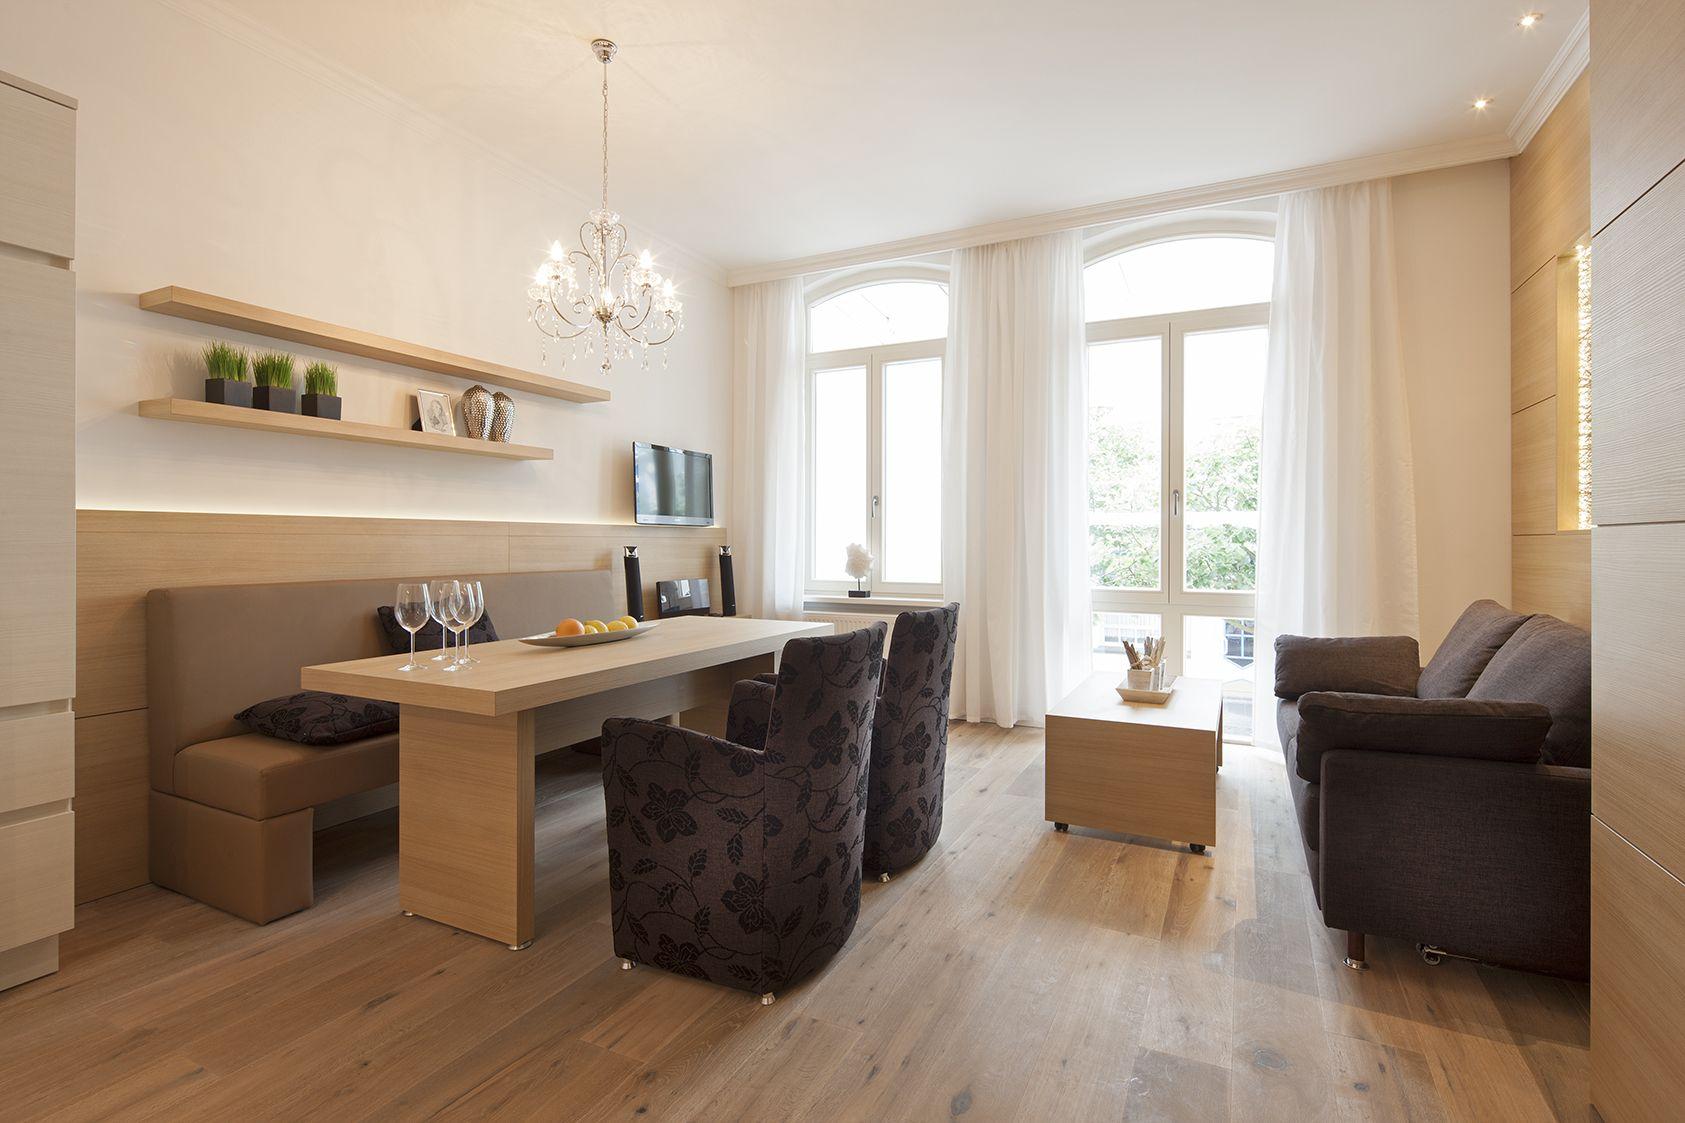 Küche mit Geschirrspüler und Ceranfeld, 3 Schlafzimmer